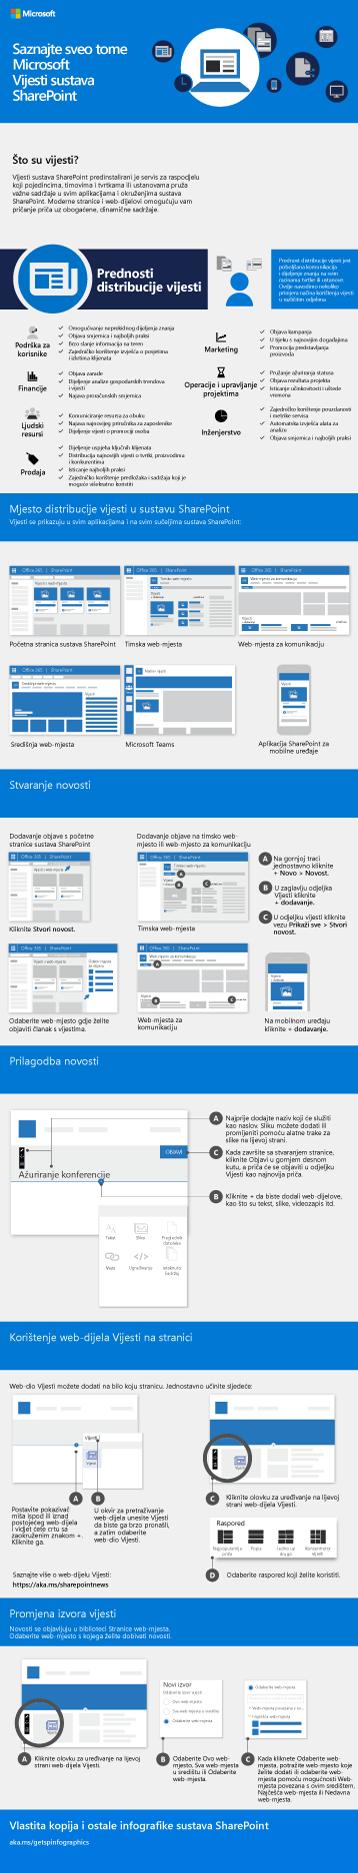 Infografika o web-dijelu Vijesti sustava SharePoint